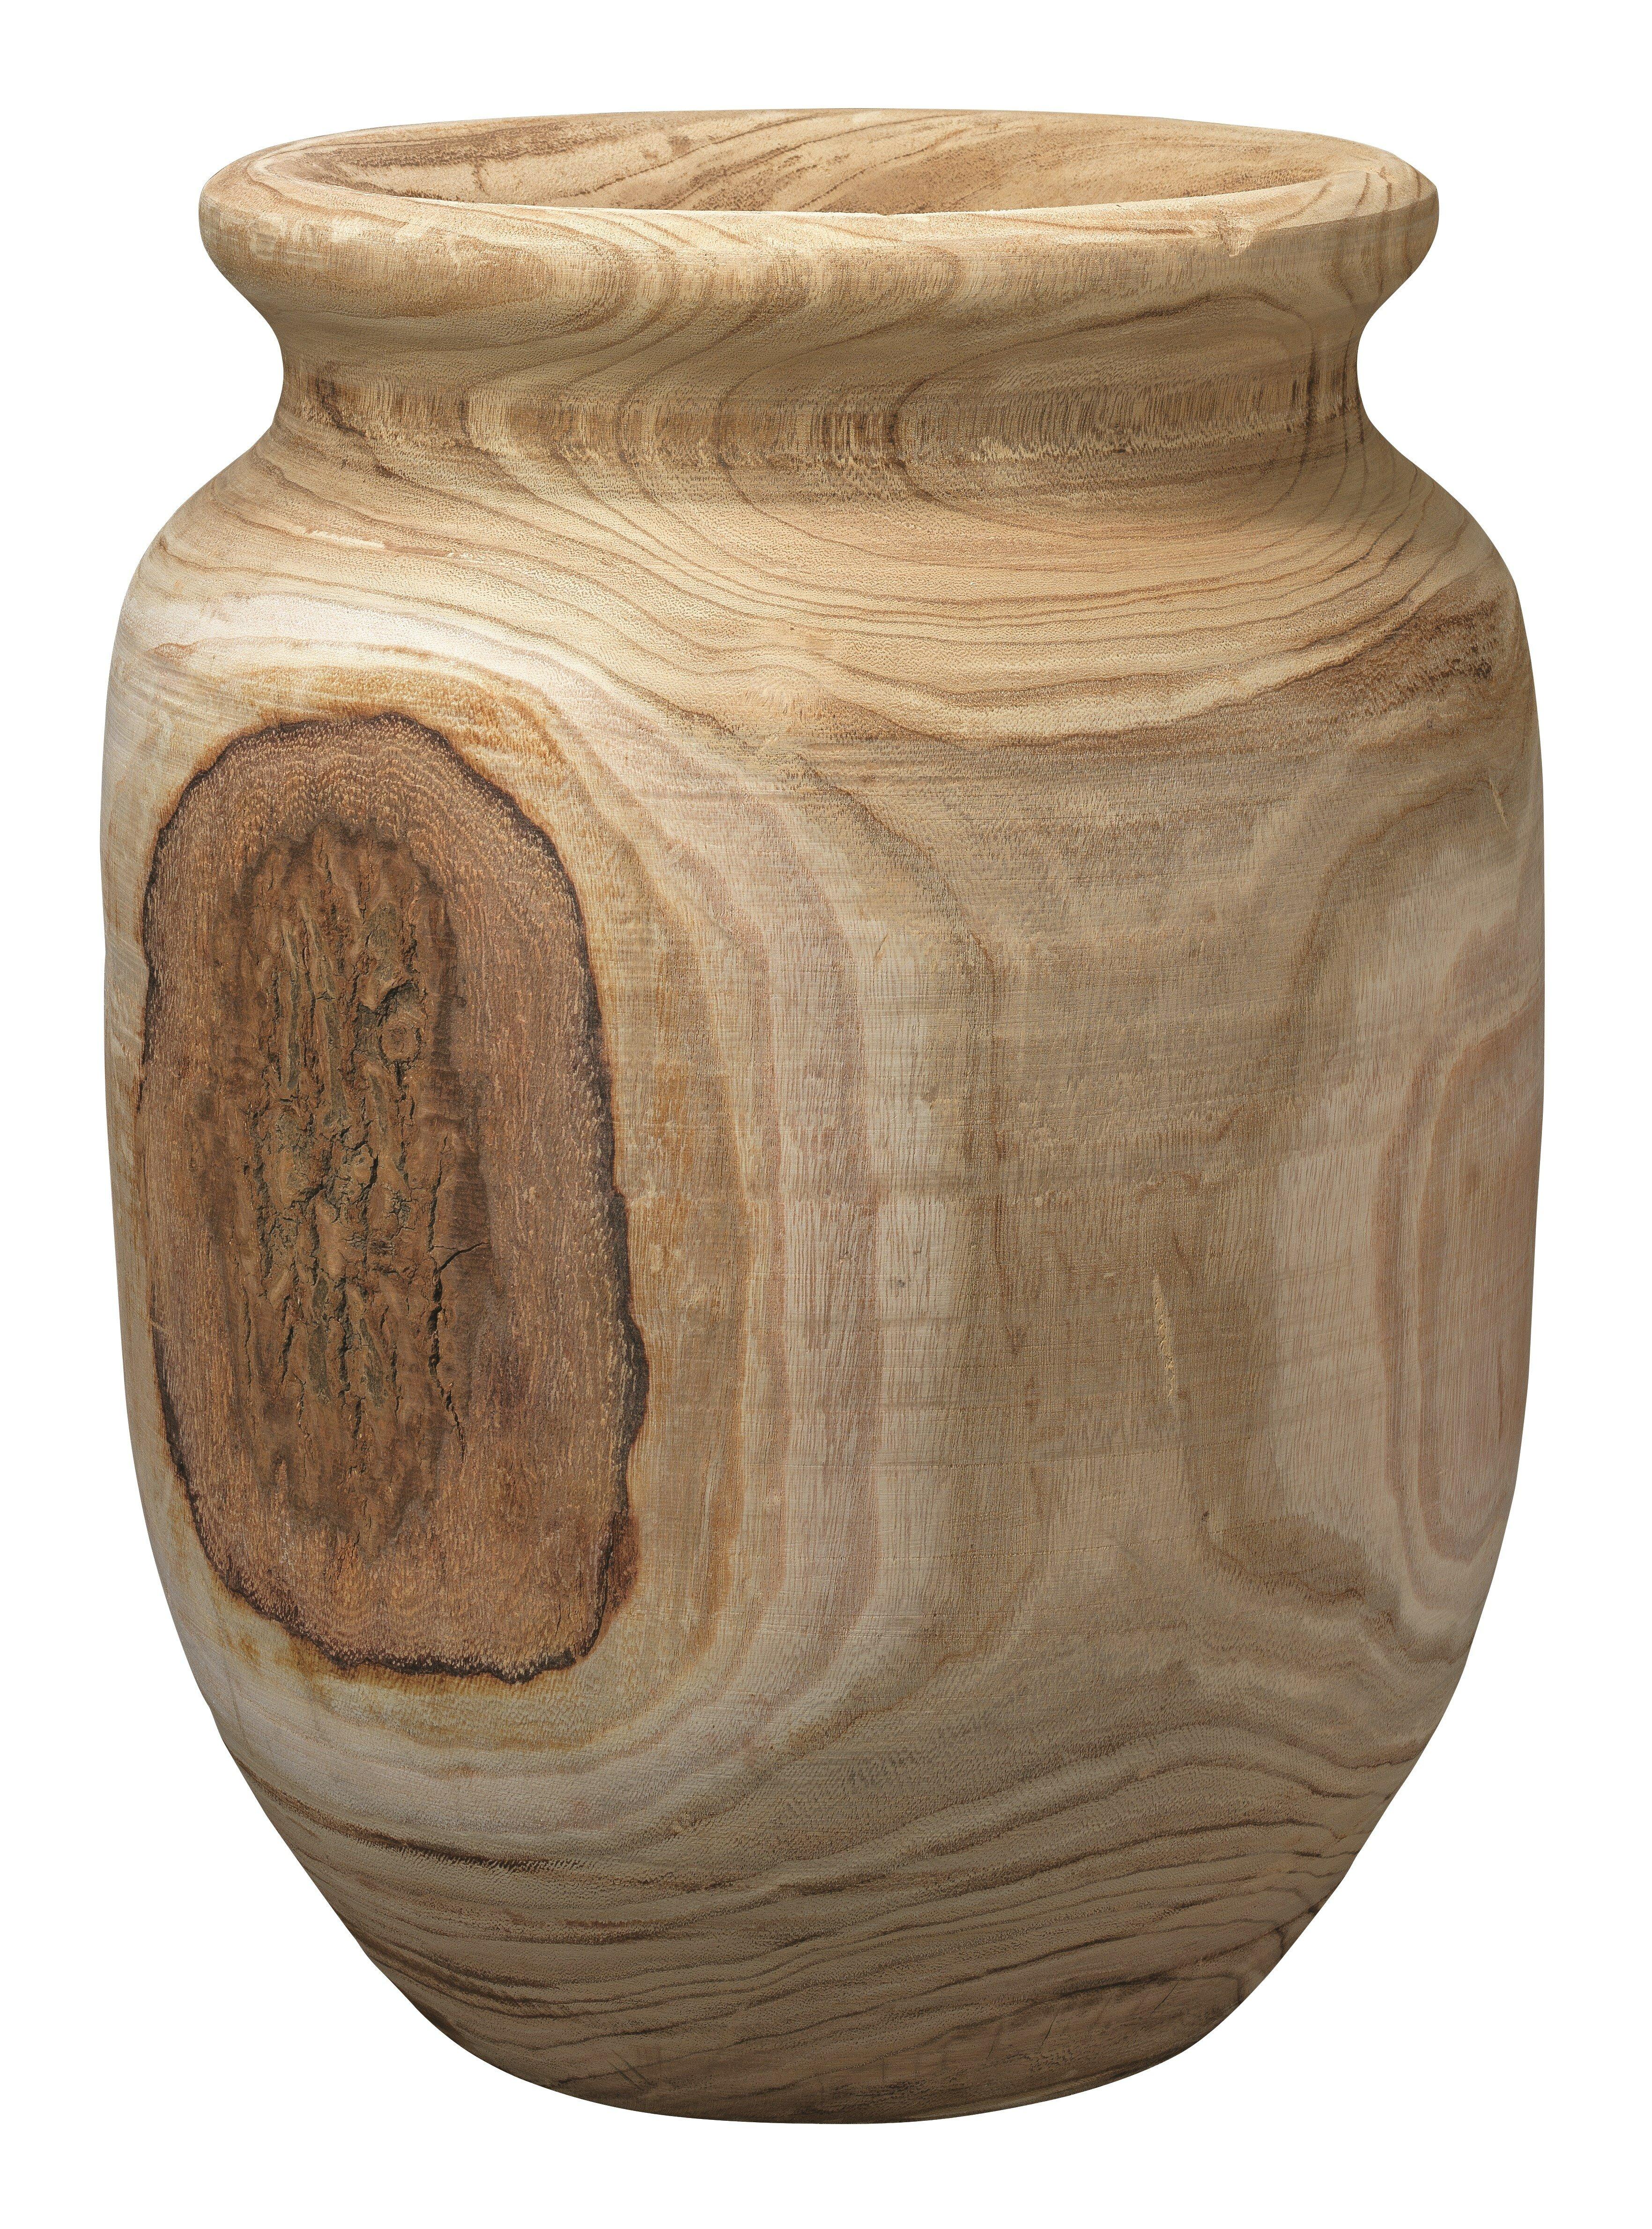 Gracie oaks baden natural wooden floor vase reviews wayfair reviewsmspy